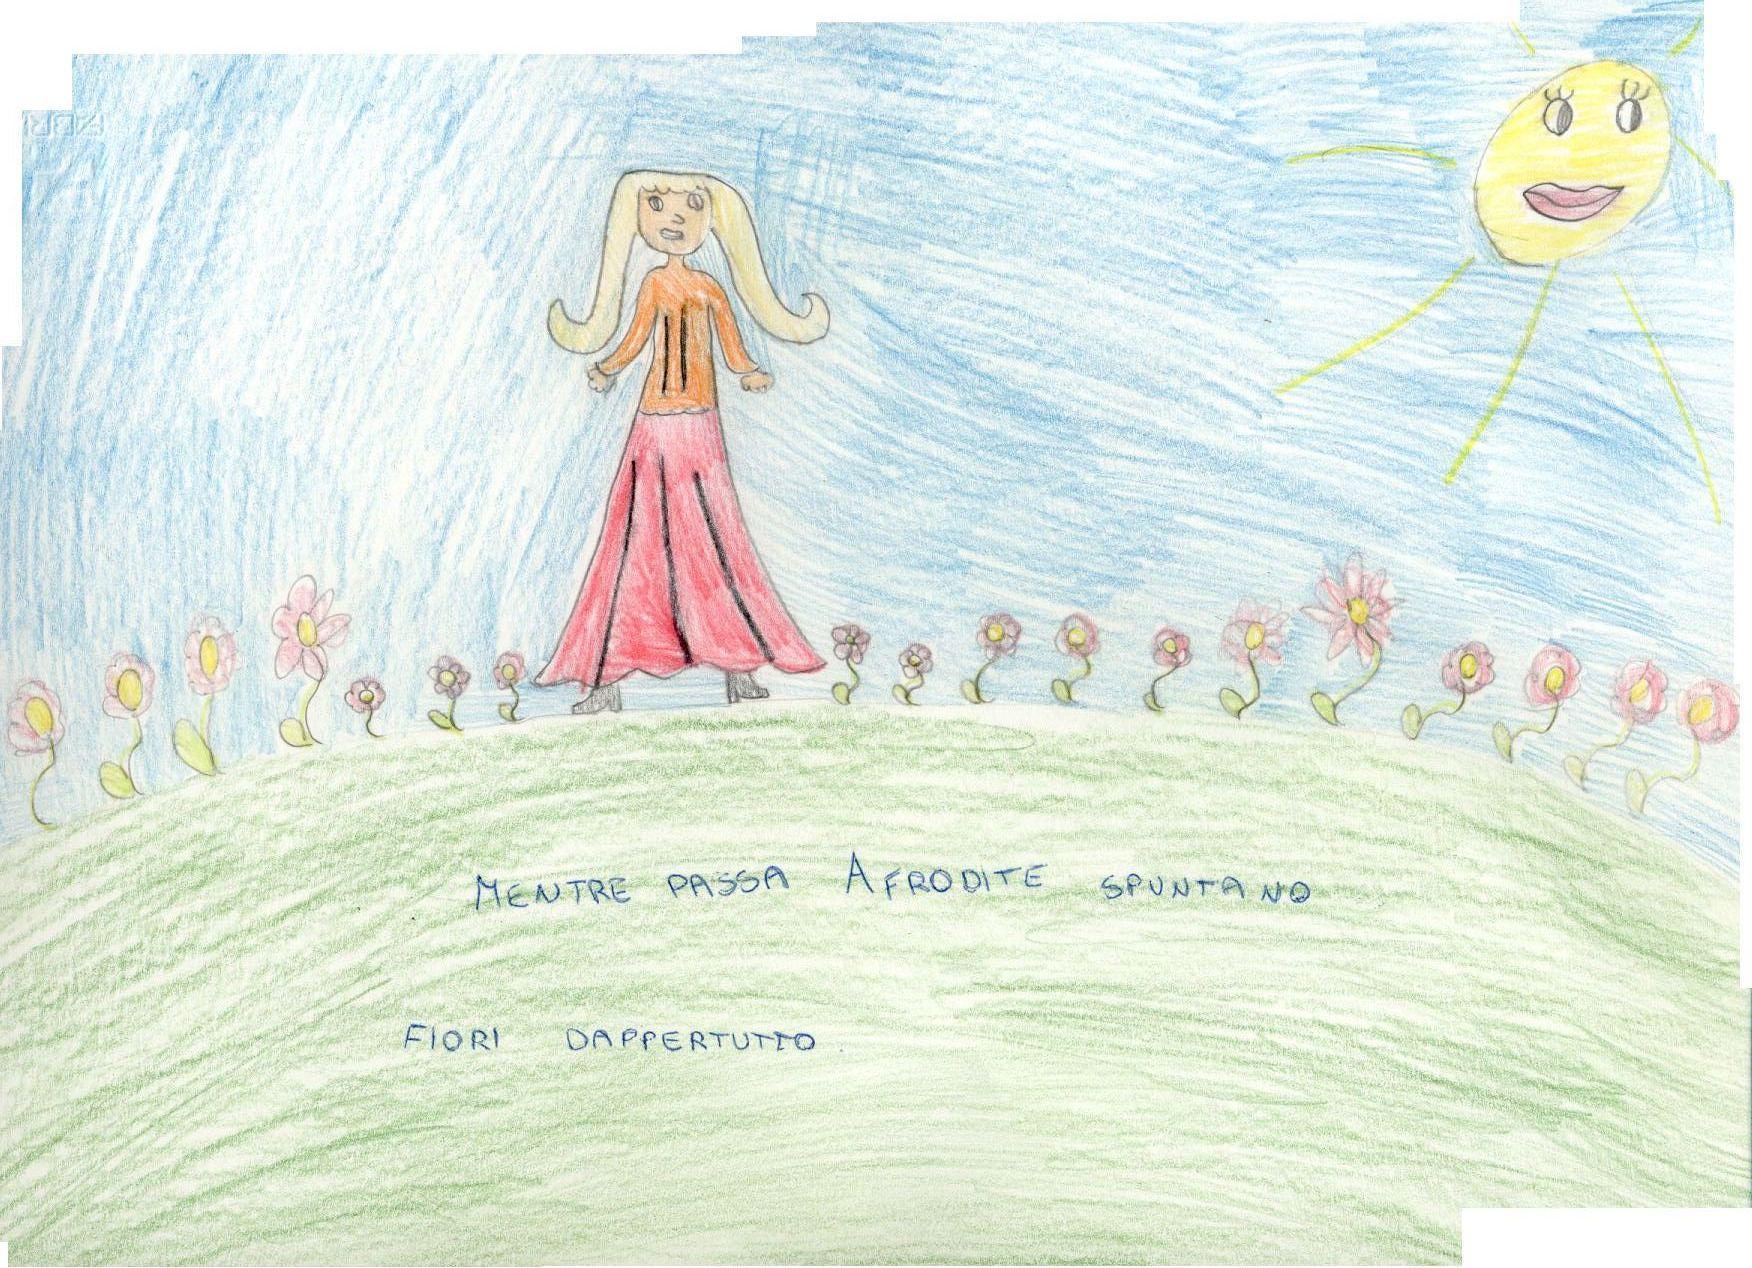 Alunna: Afrodite cammina e i fiori nascono sotto i suoi           piedi